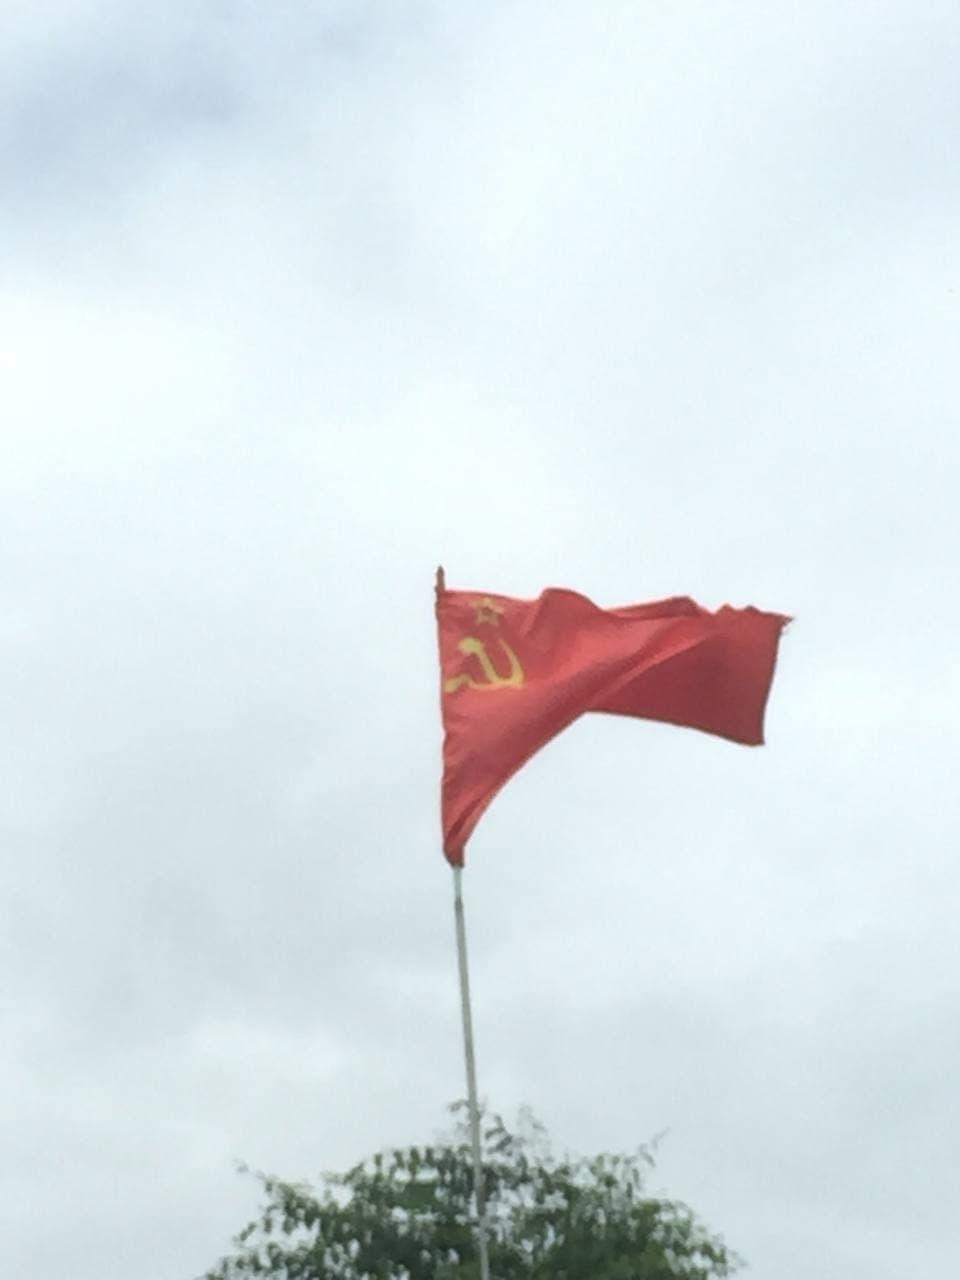 Красный стяг СССР отныне гордо реет над читинским поселком Антипиха. 20 июля.